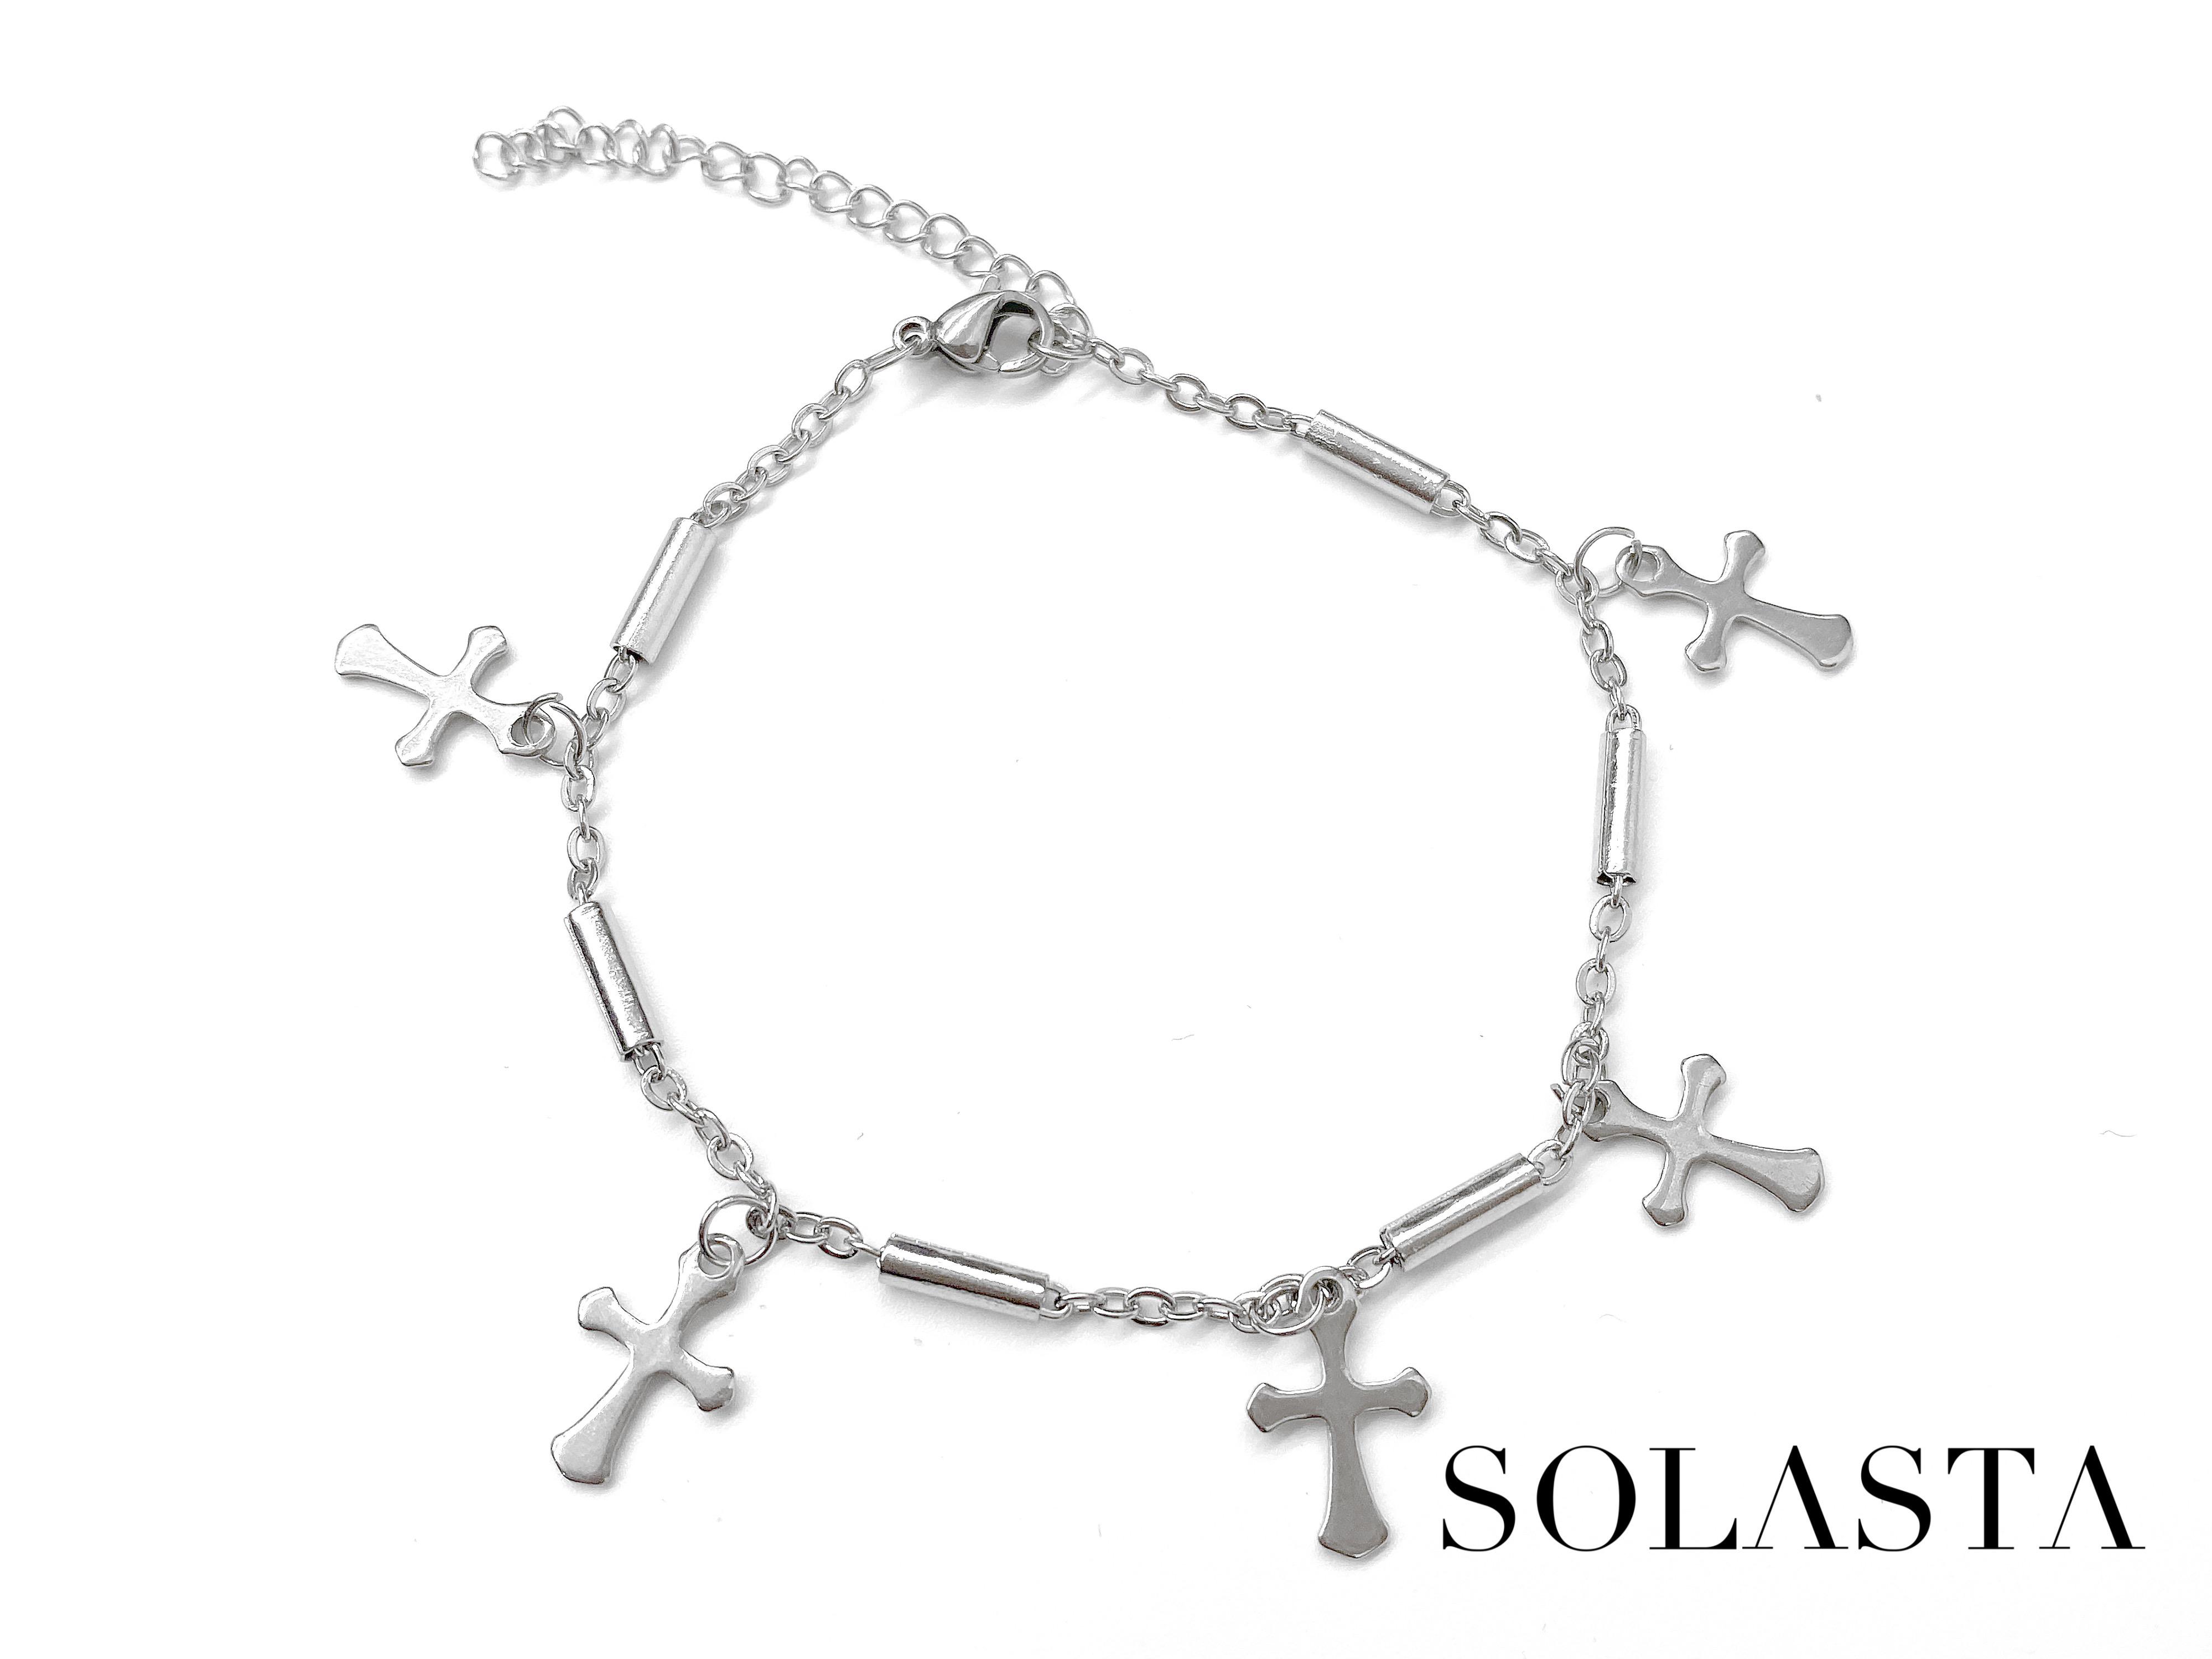 SOLASTA - JESUS CHRIST BRACELET